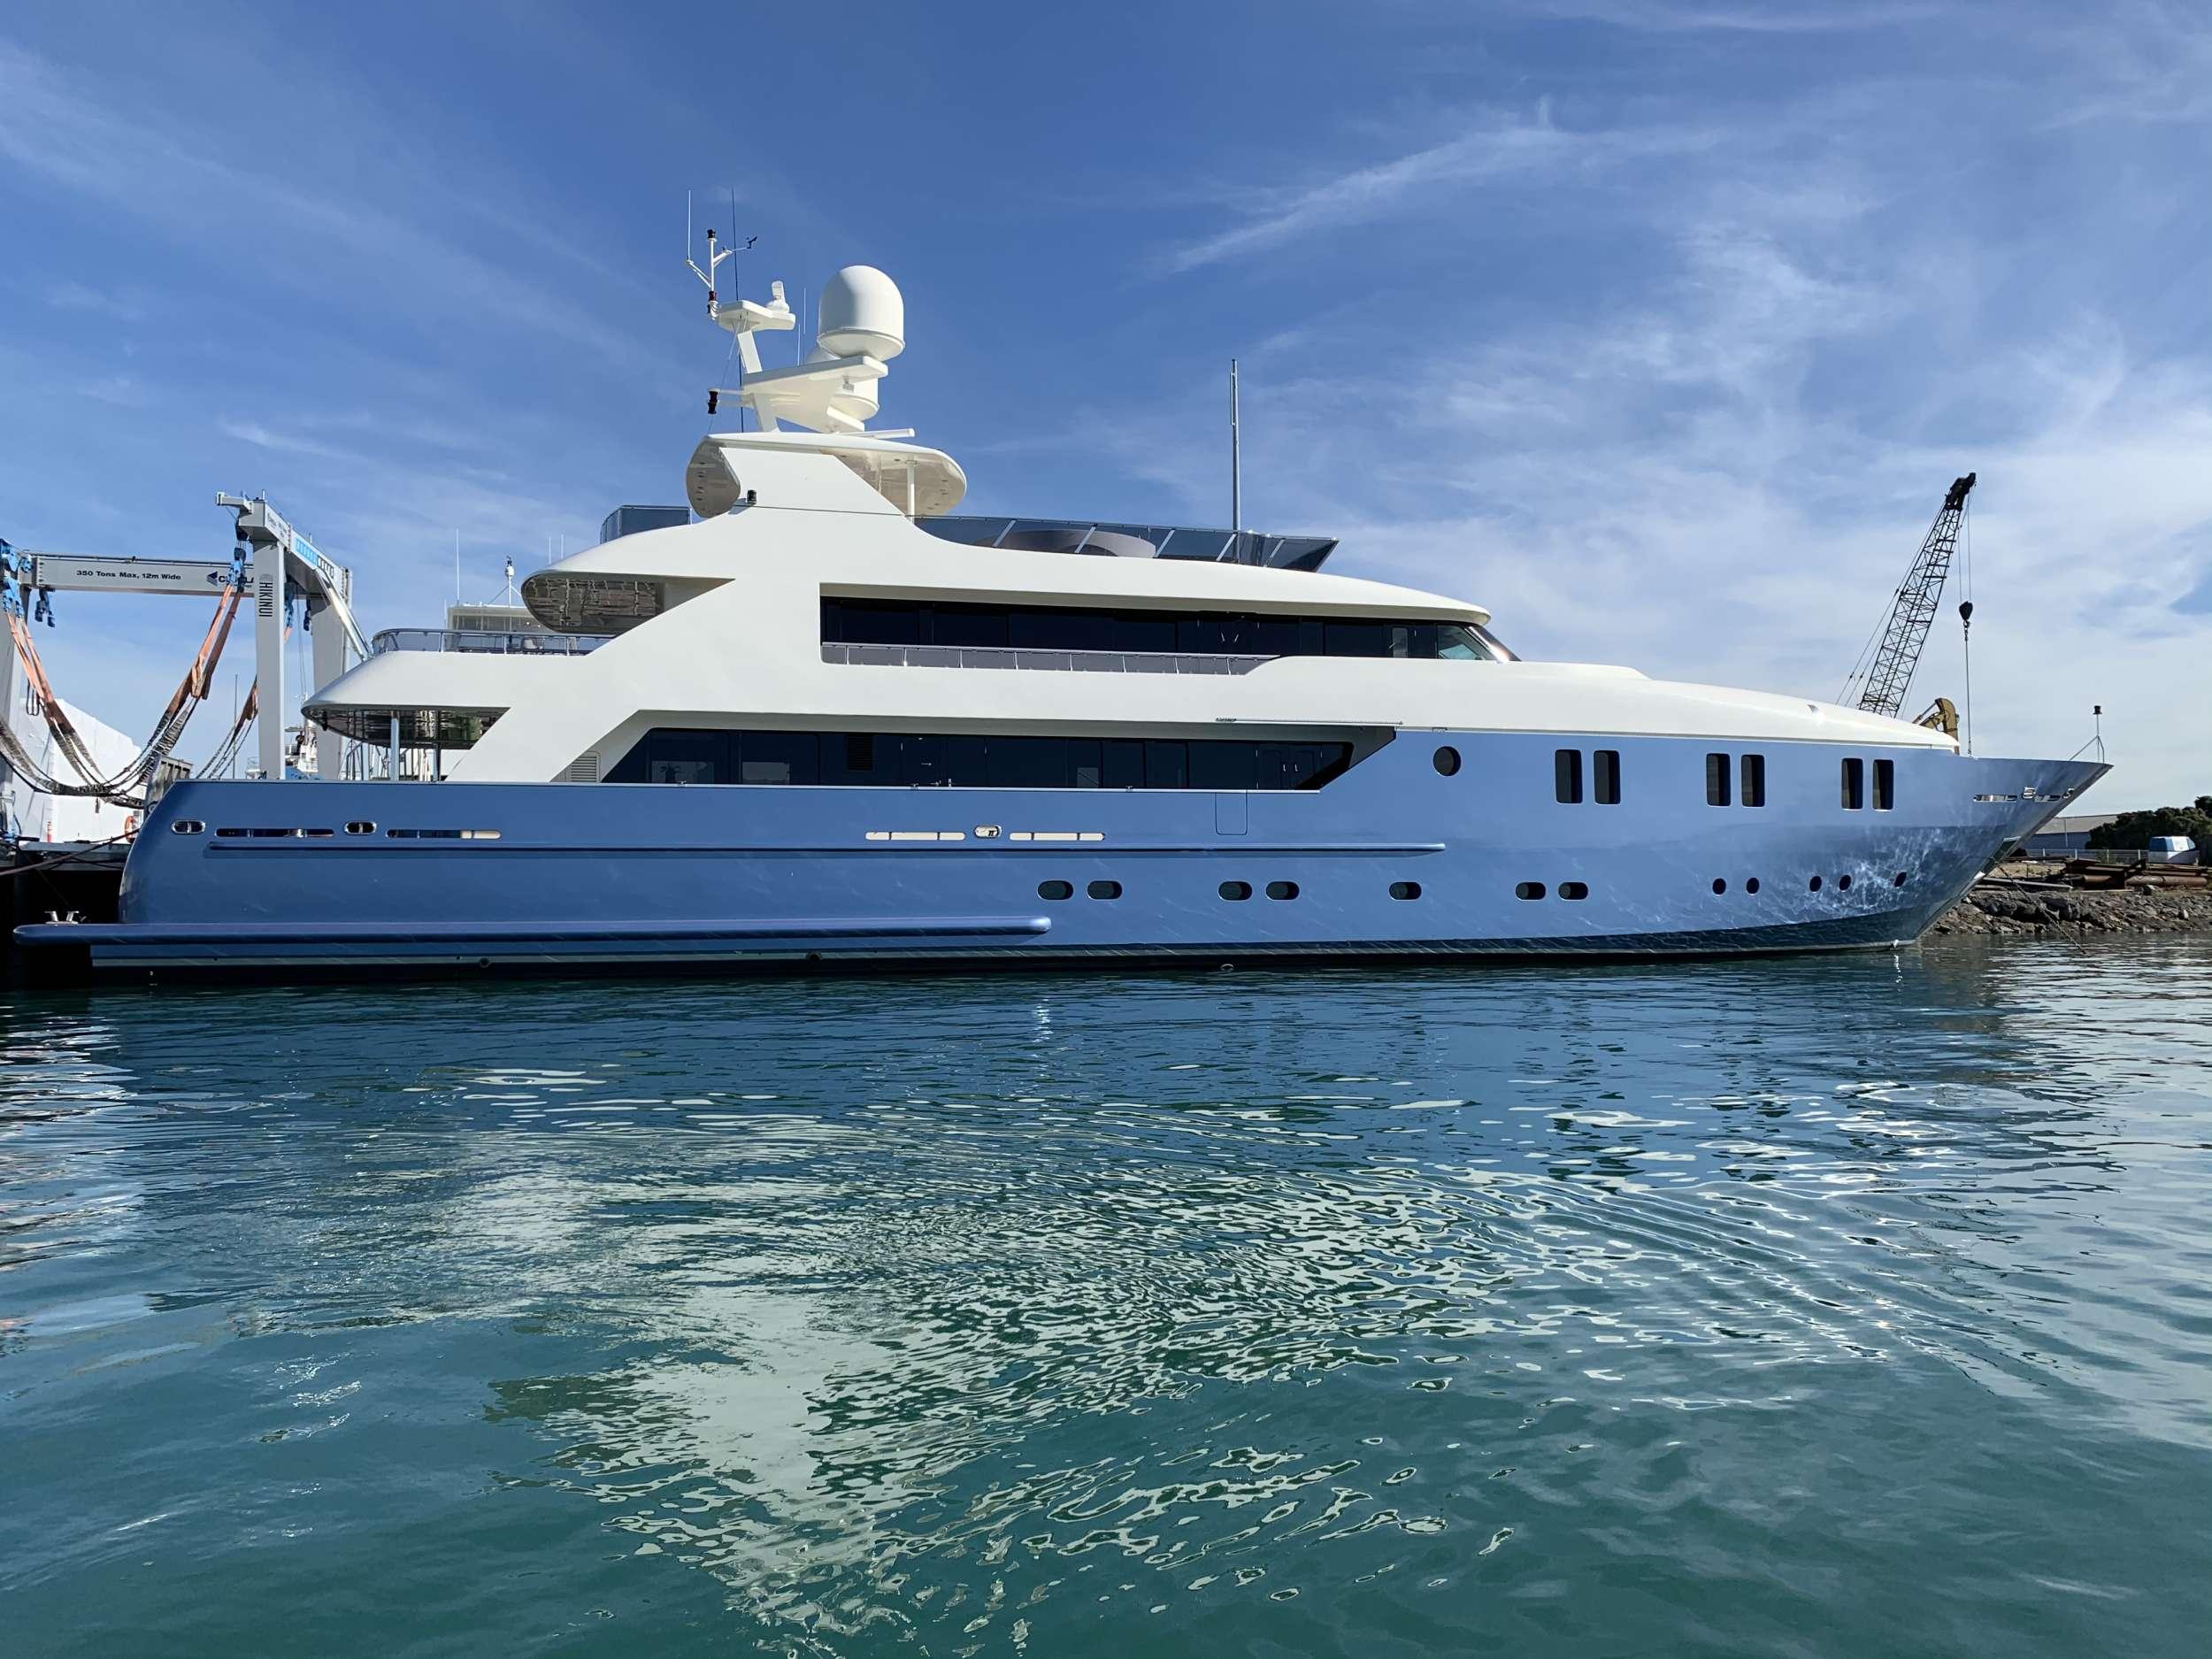 Main image of iRama yacht